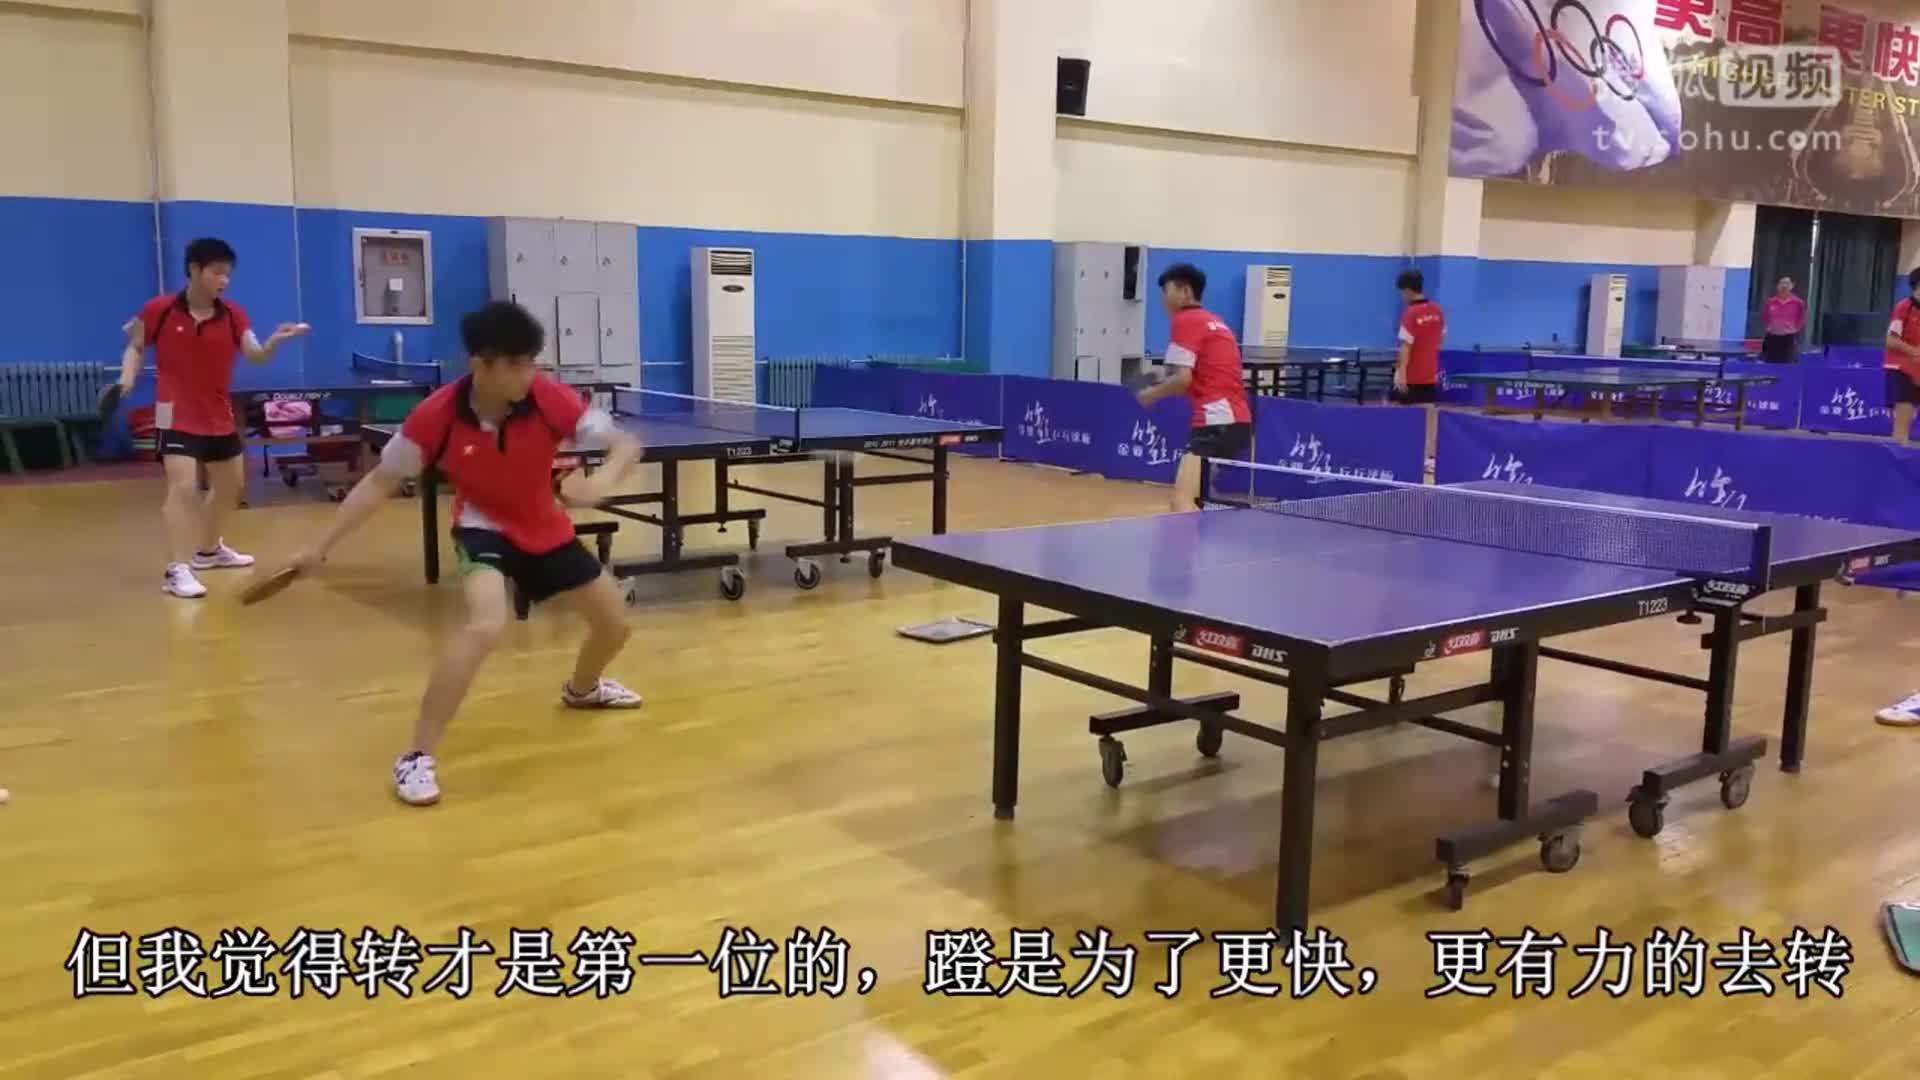 袁义兴 乒乓球 教学 5.23 乒乓球 蹬转